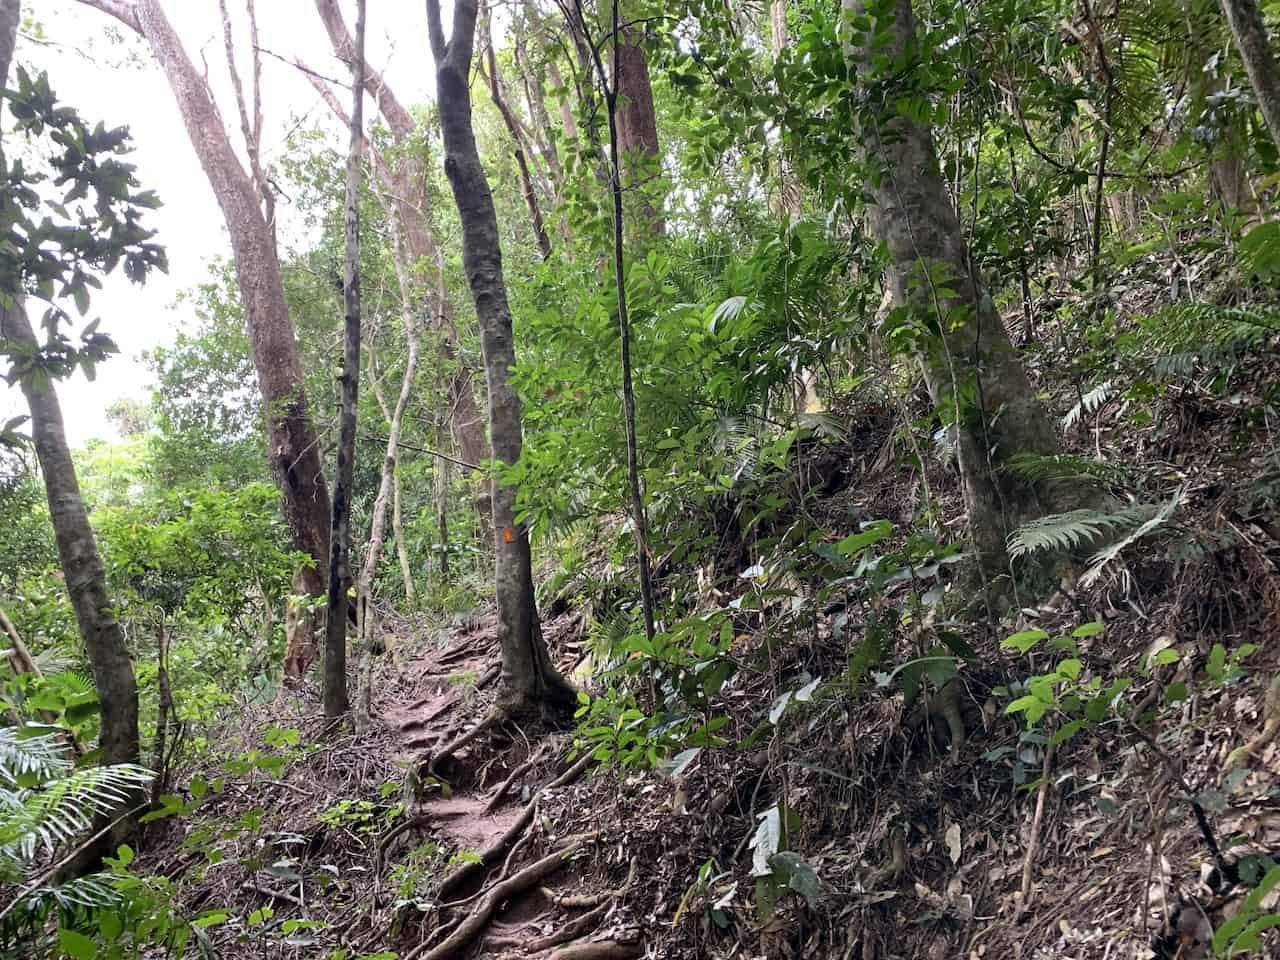 Mt Sorrow Trail